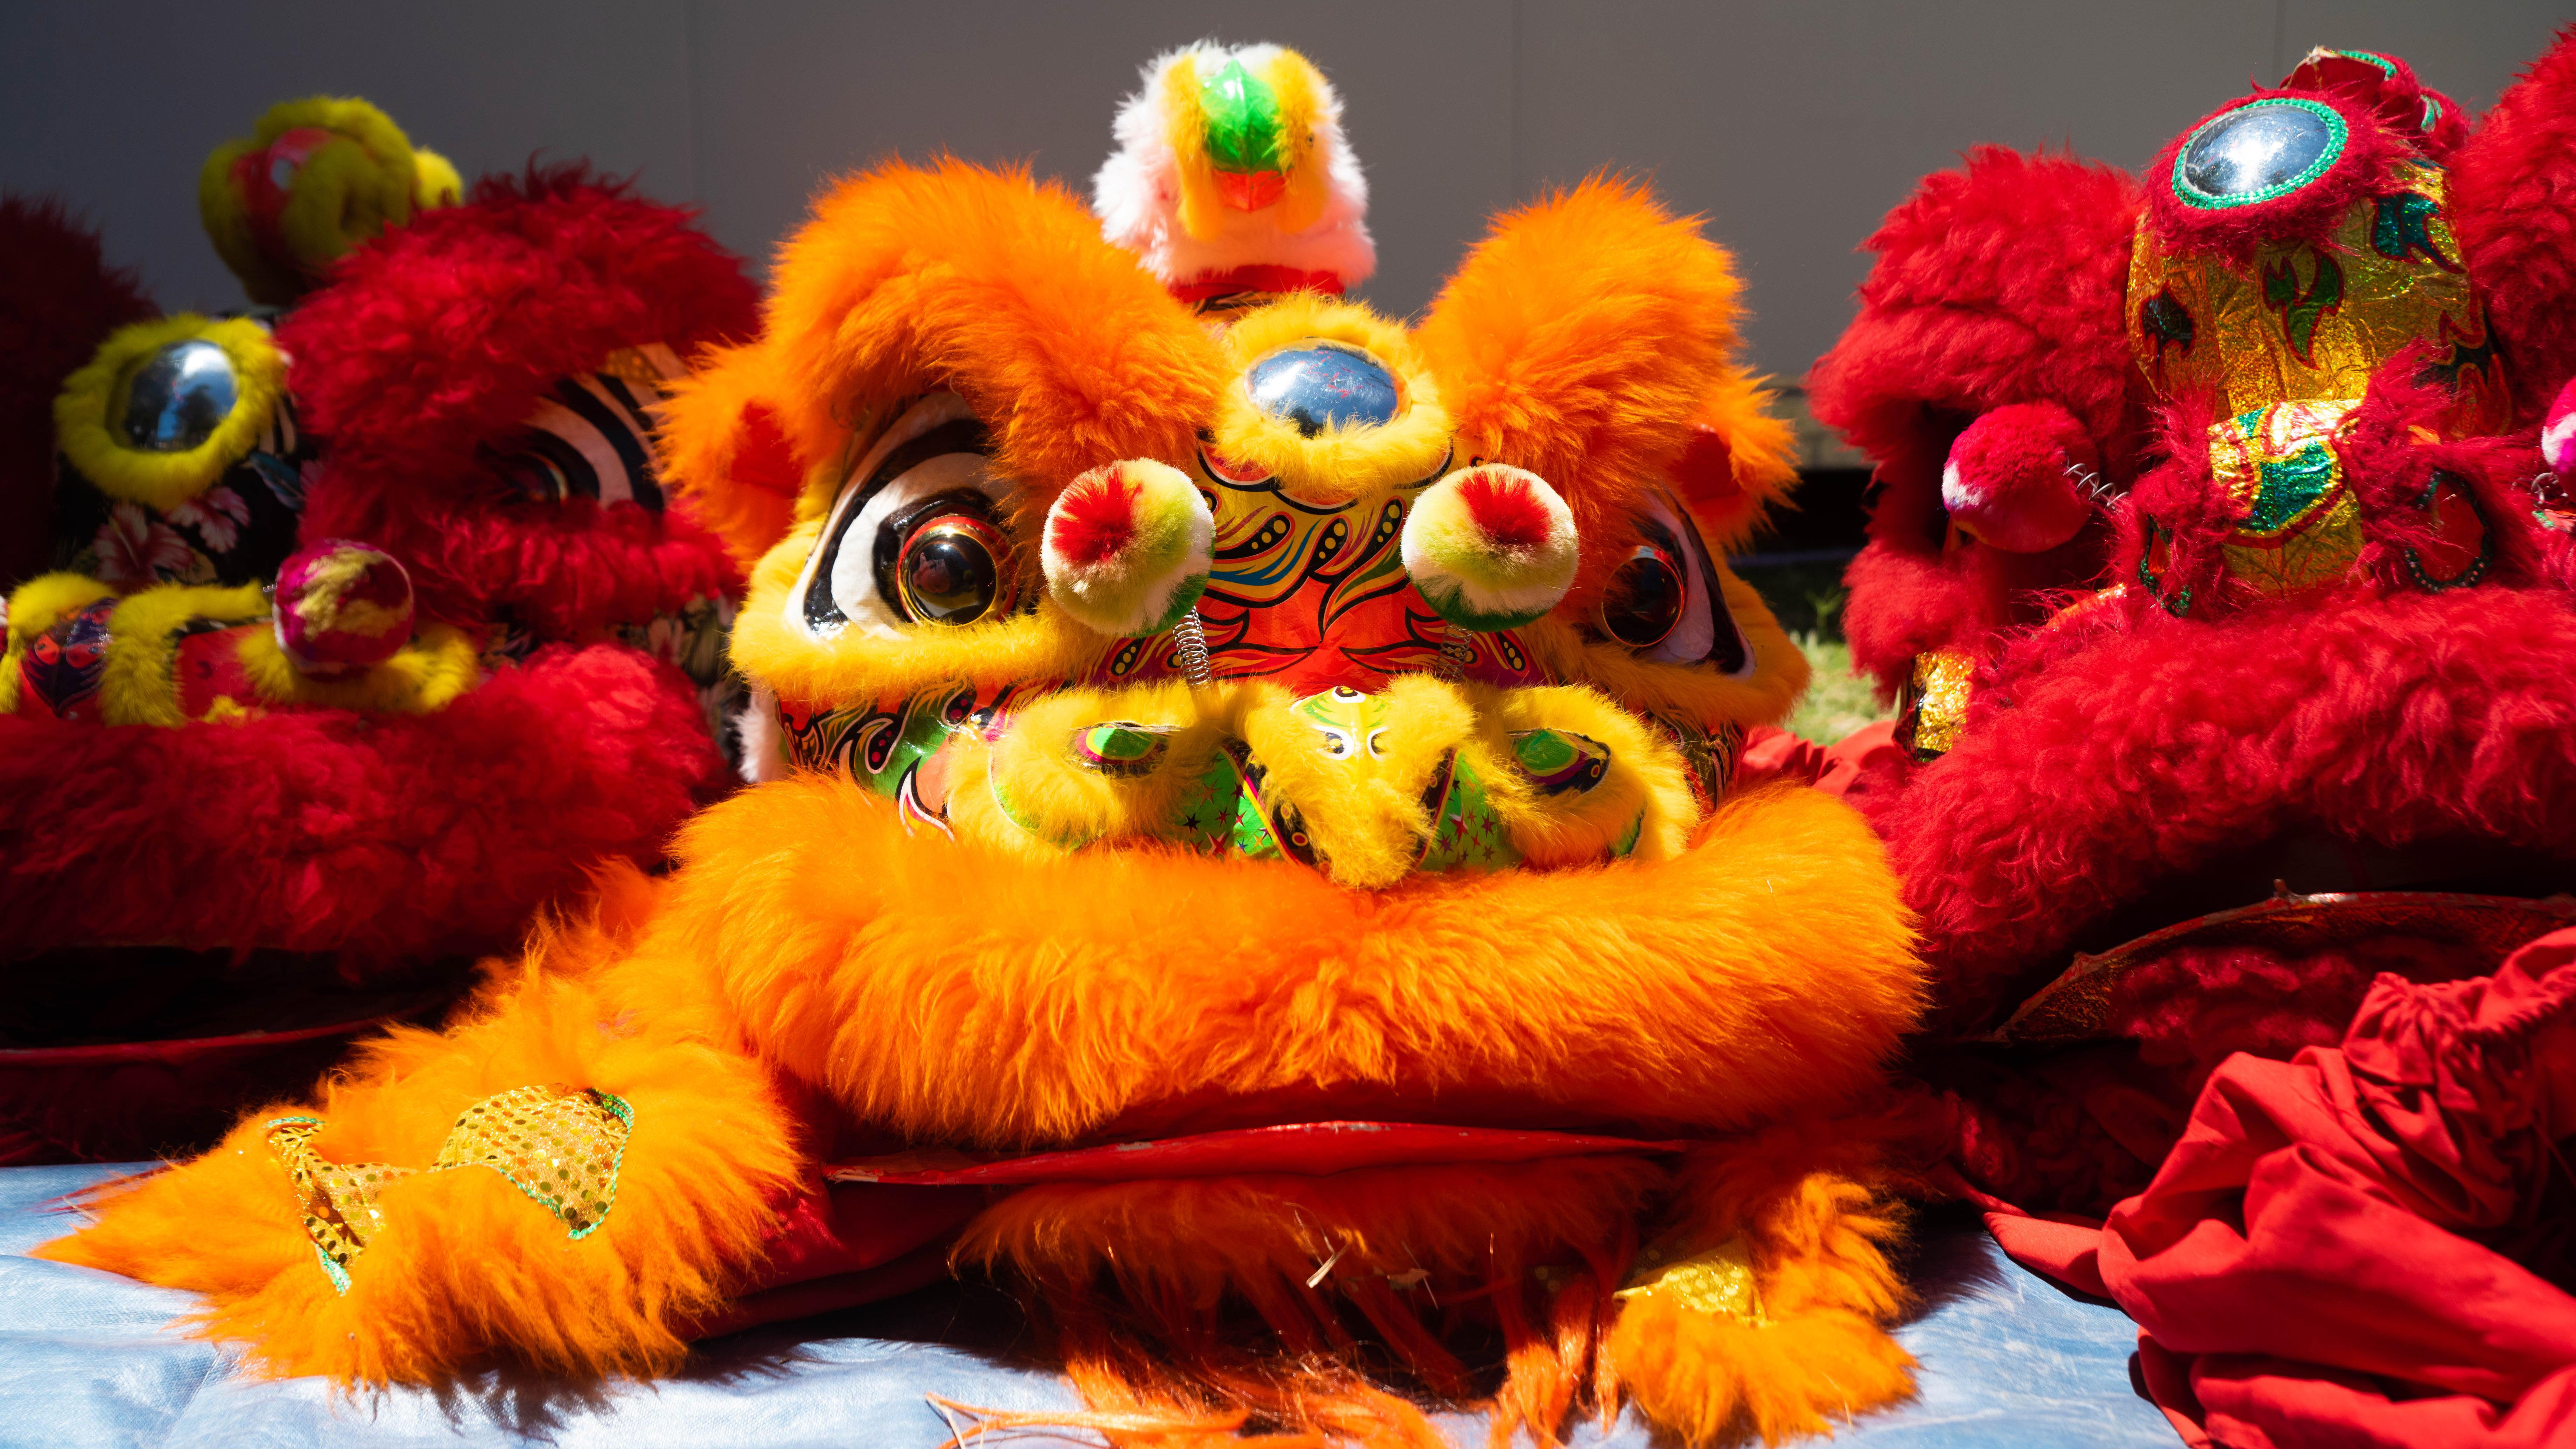 La imagen del dragón también estuvo presente entre los juguetes que se vendían en el lugar.